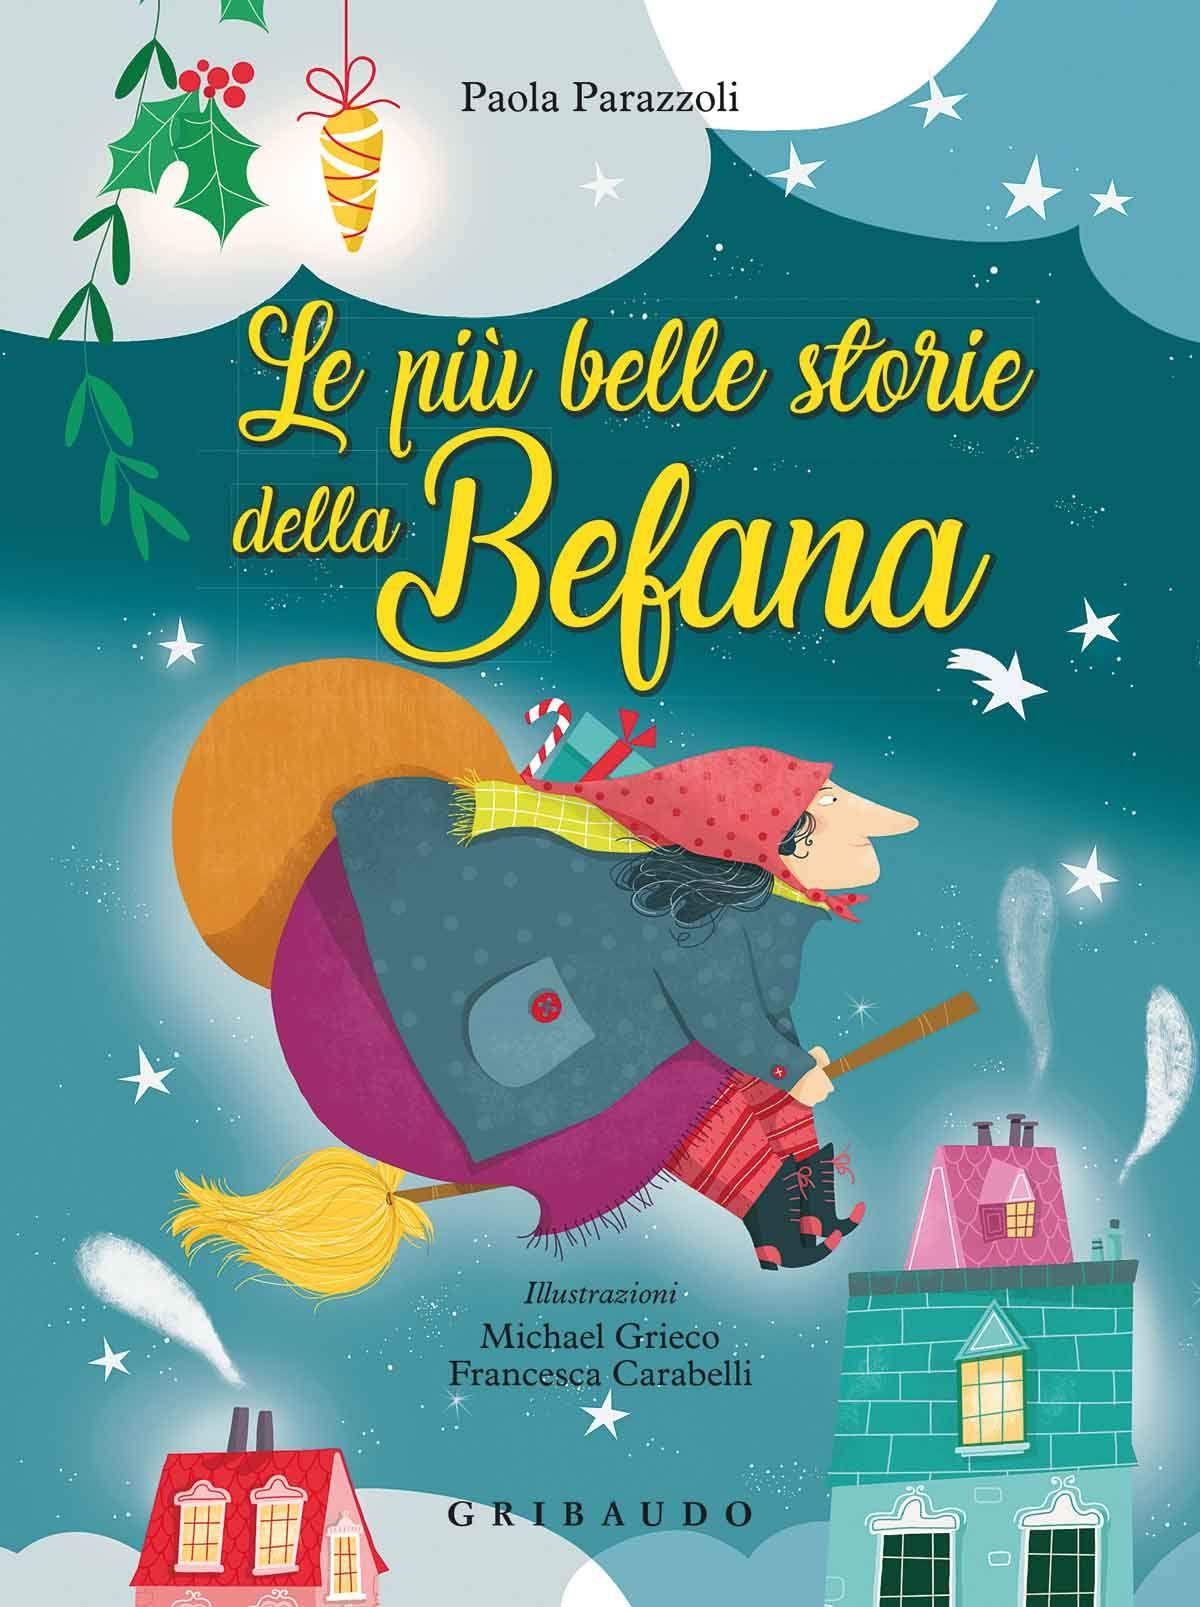 Libro Sulla Befana Da Regalare Le Piu Belle Storie Libri Libro Per Bambini Libri Per Bambini